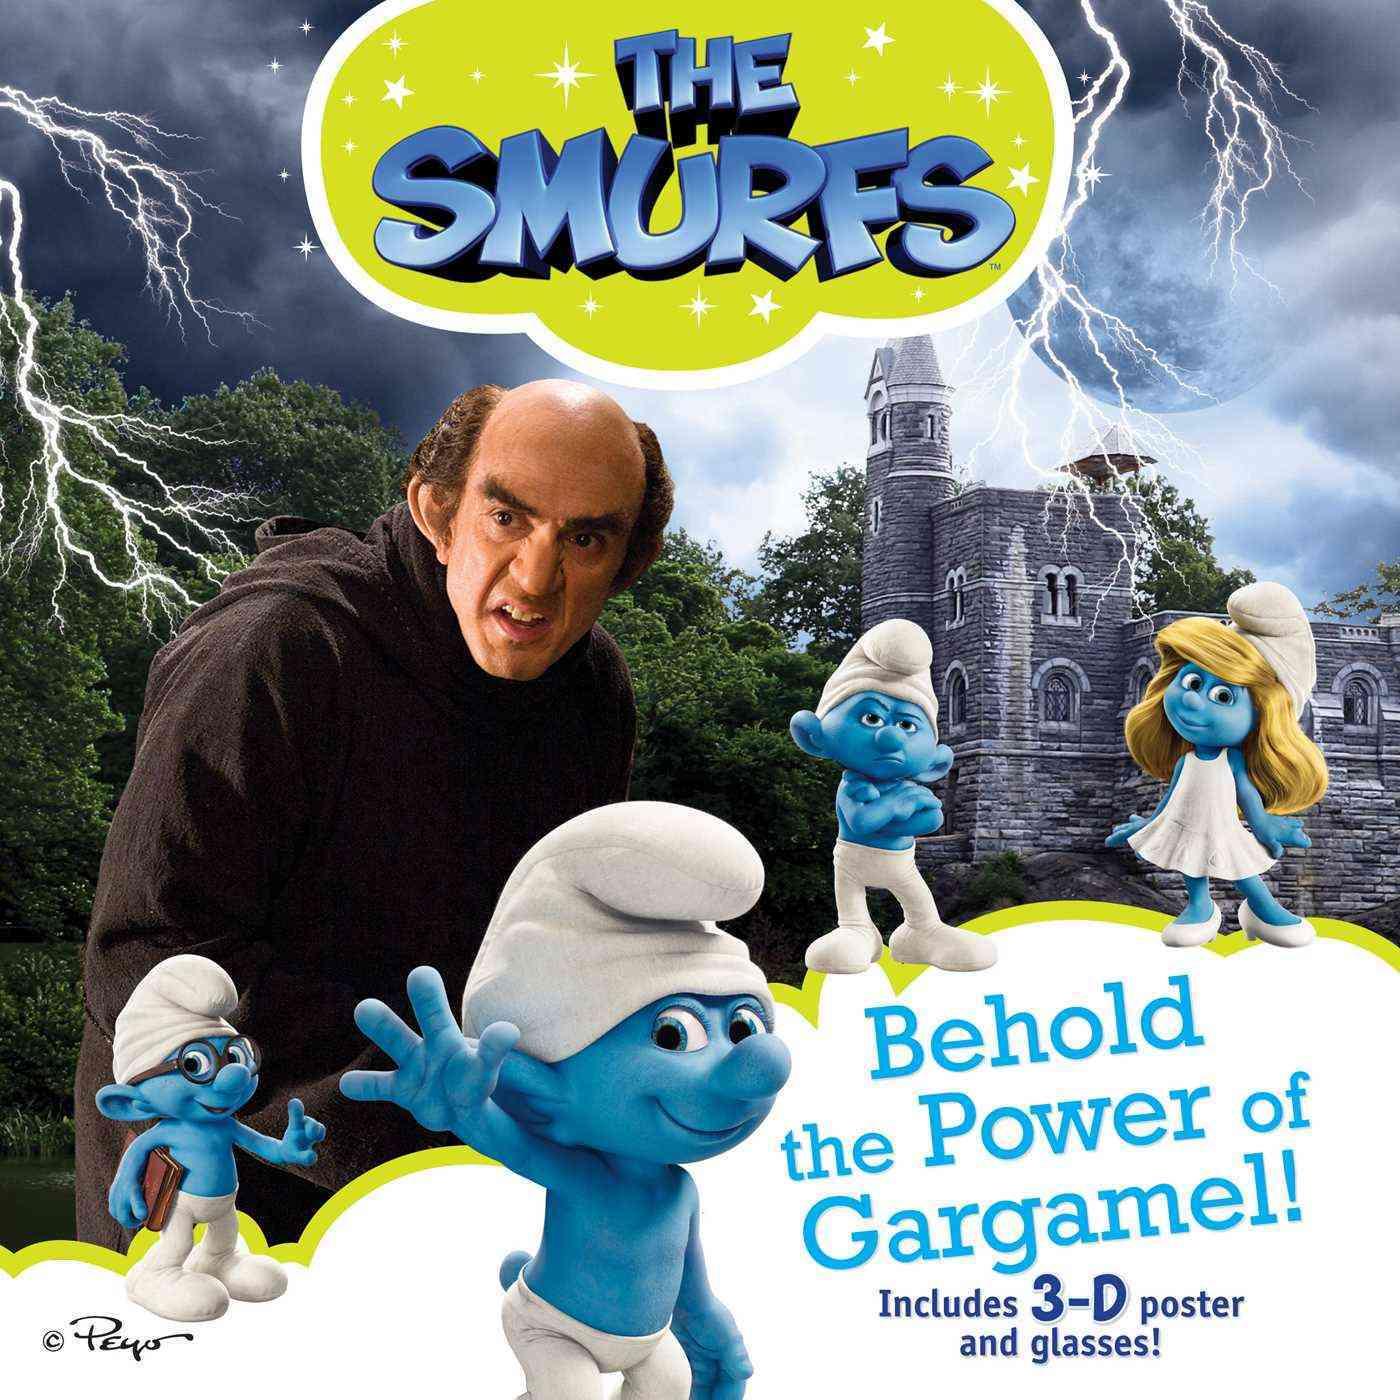 Behold the Power of Gargamel!